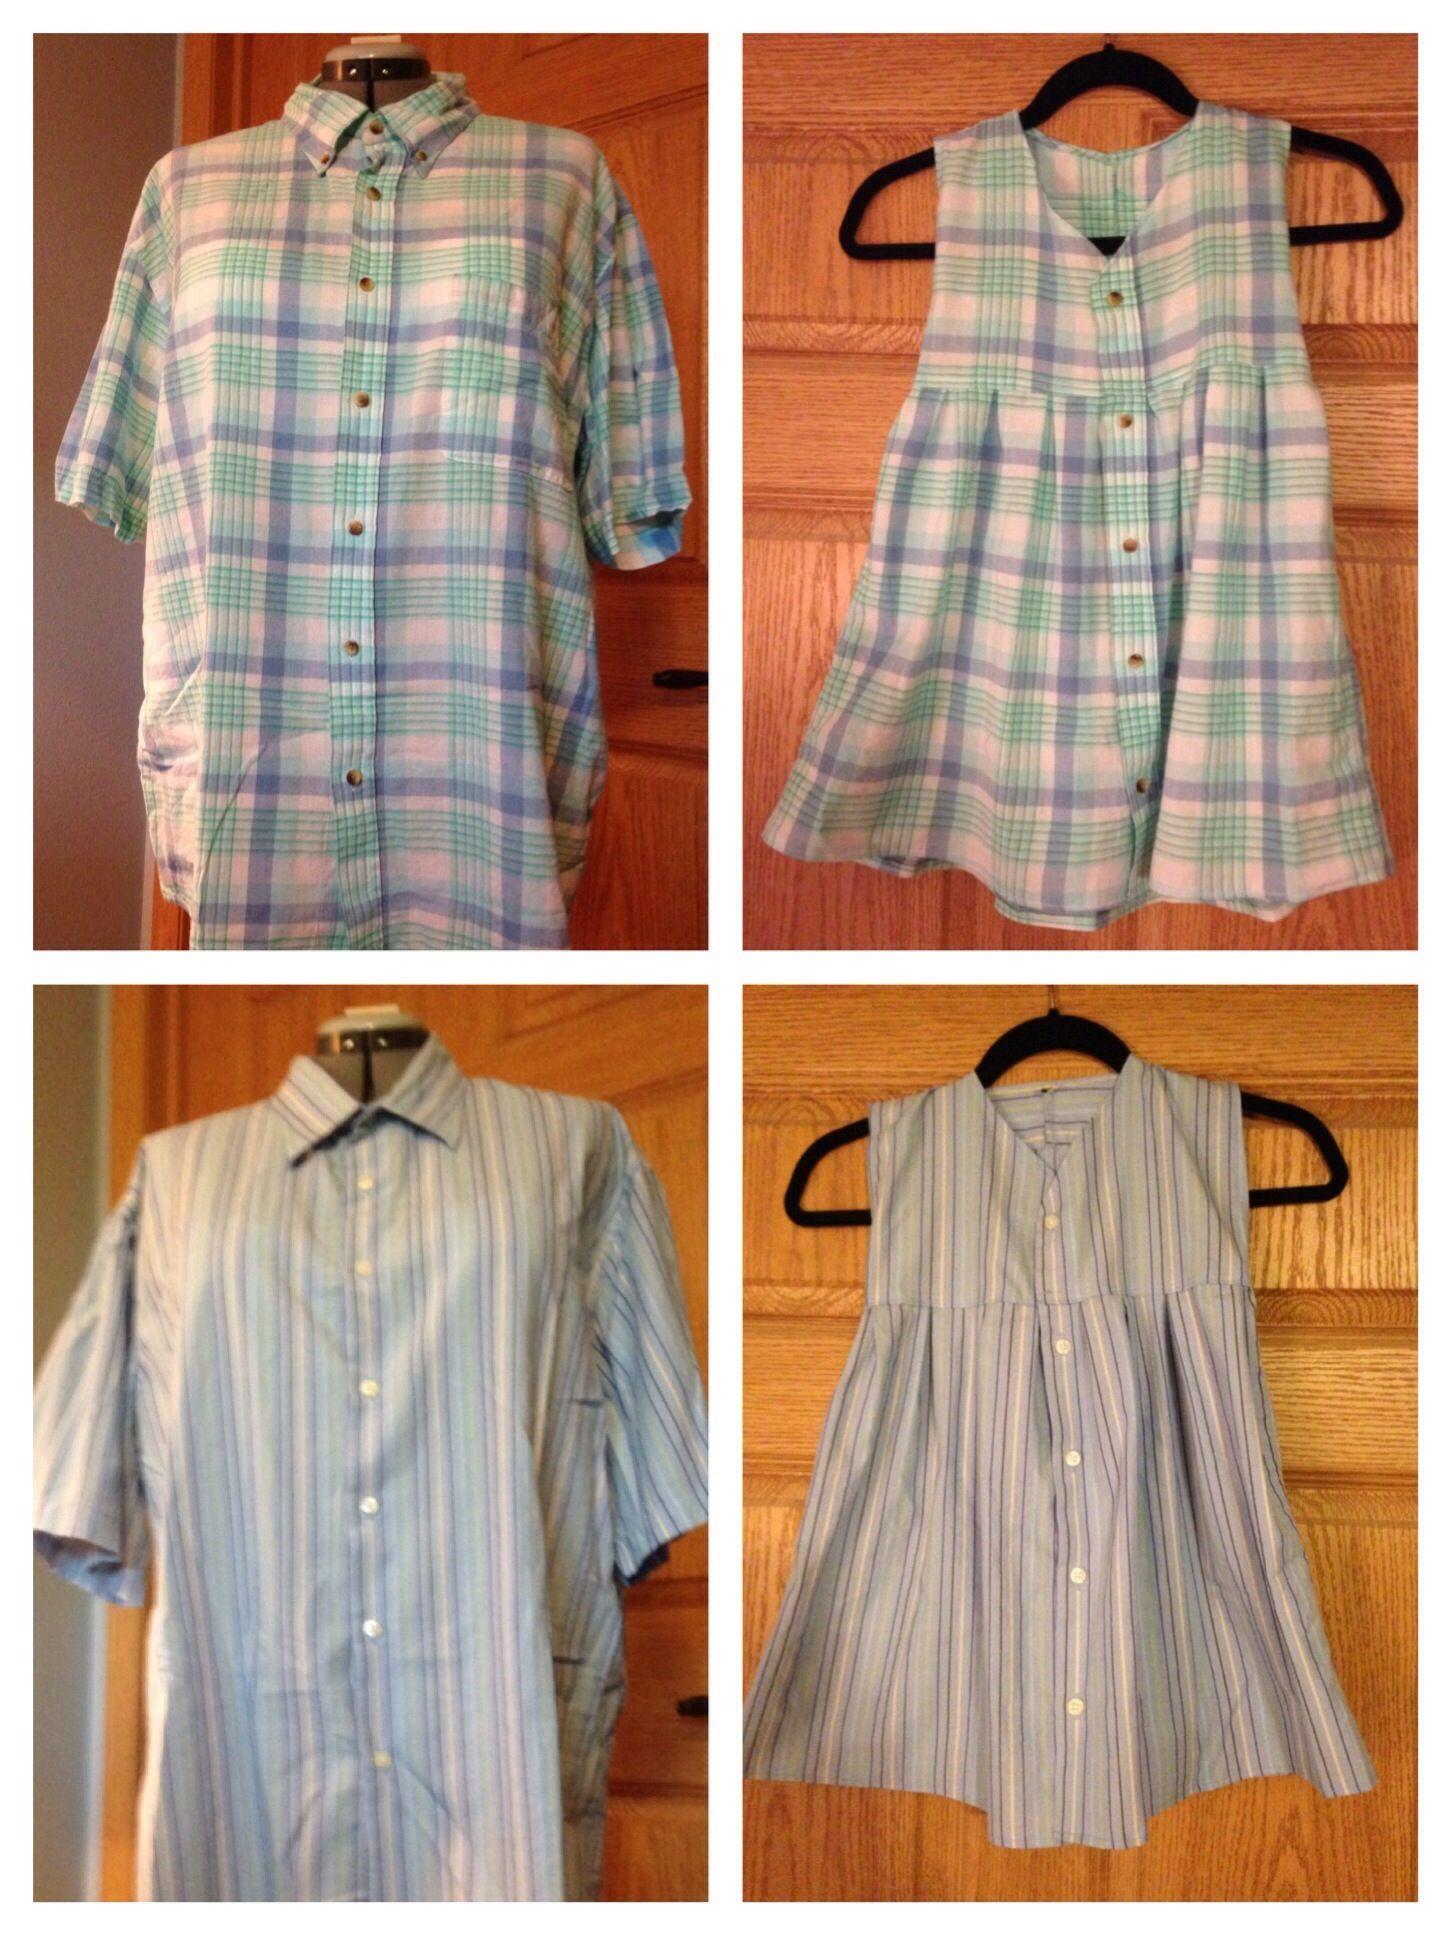 Recykleren: van blouse/overhemd naar kinderjurkje.